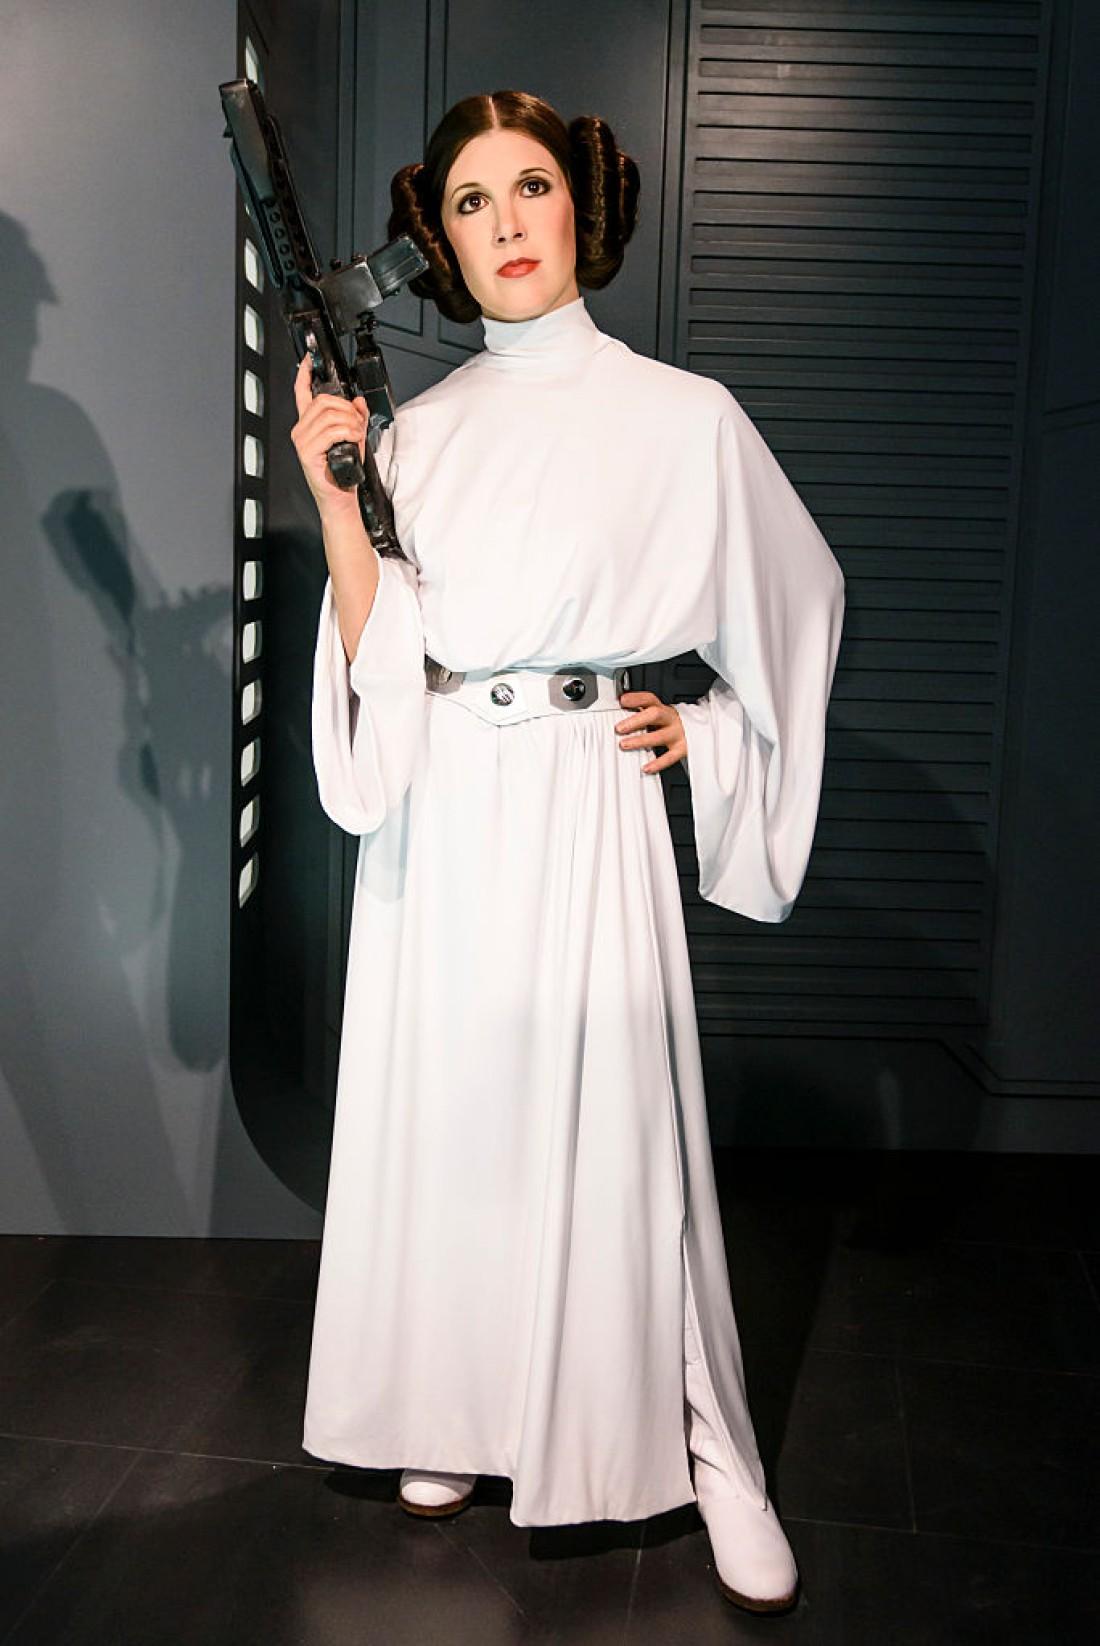 Кэрри Фишер в роли принцессы Леи в киносаге Звездные войны